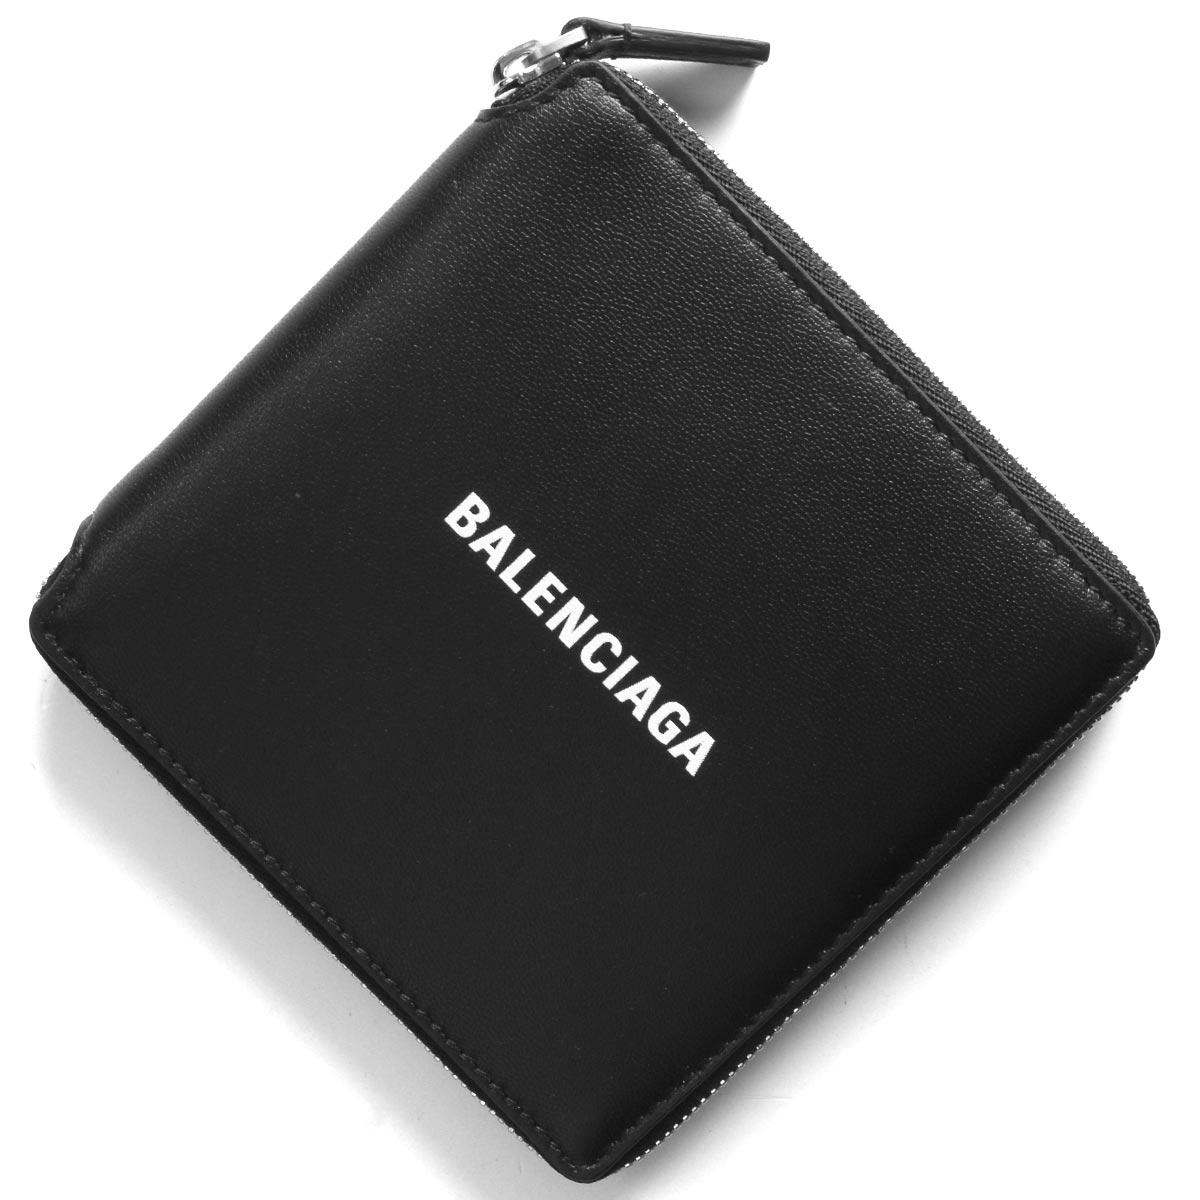 バレンシアガ 二つ折り財布 財布 メンズ レディース キャッシュ ブラック&ブランホワイト 594693 1I353 1090 BALENCIAGA